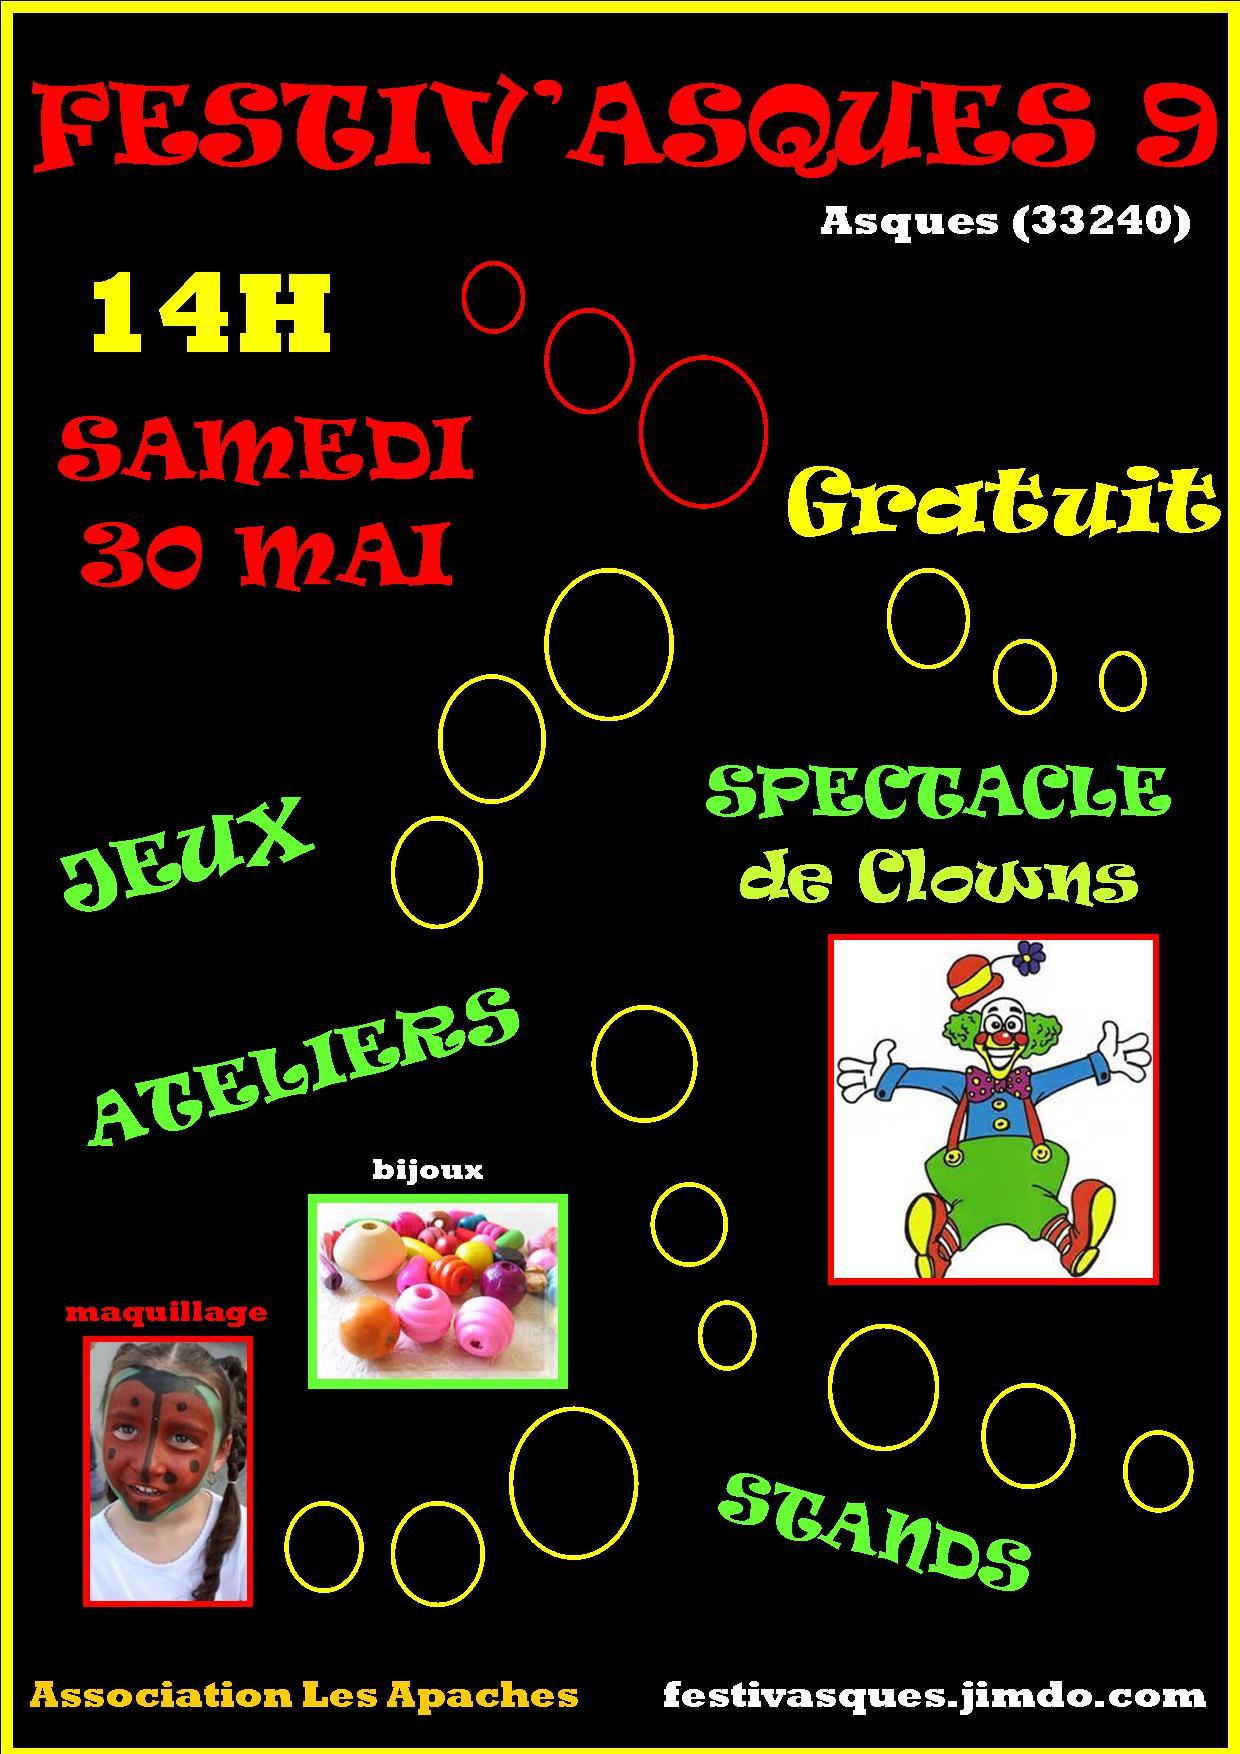 Festiv'asques 2015